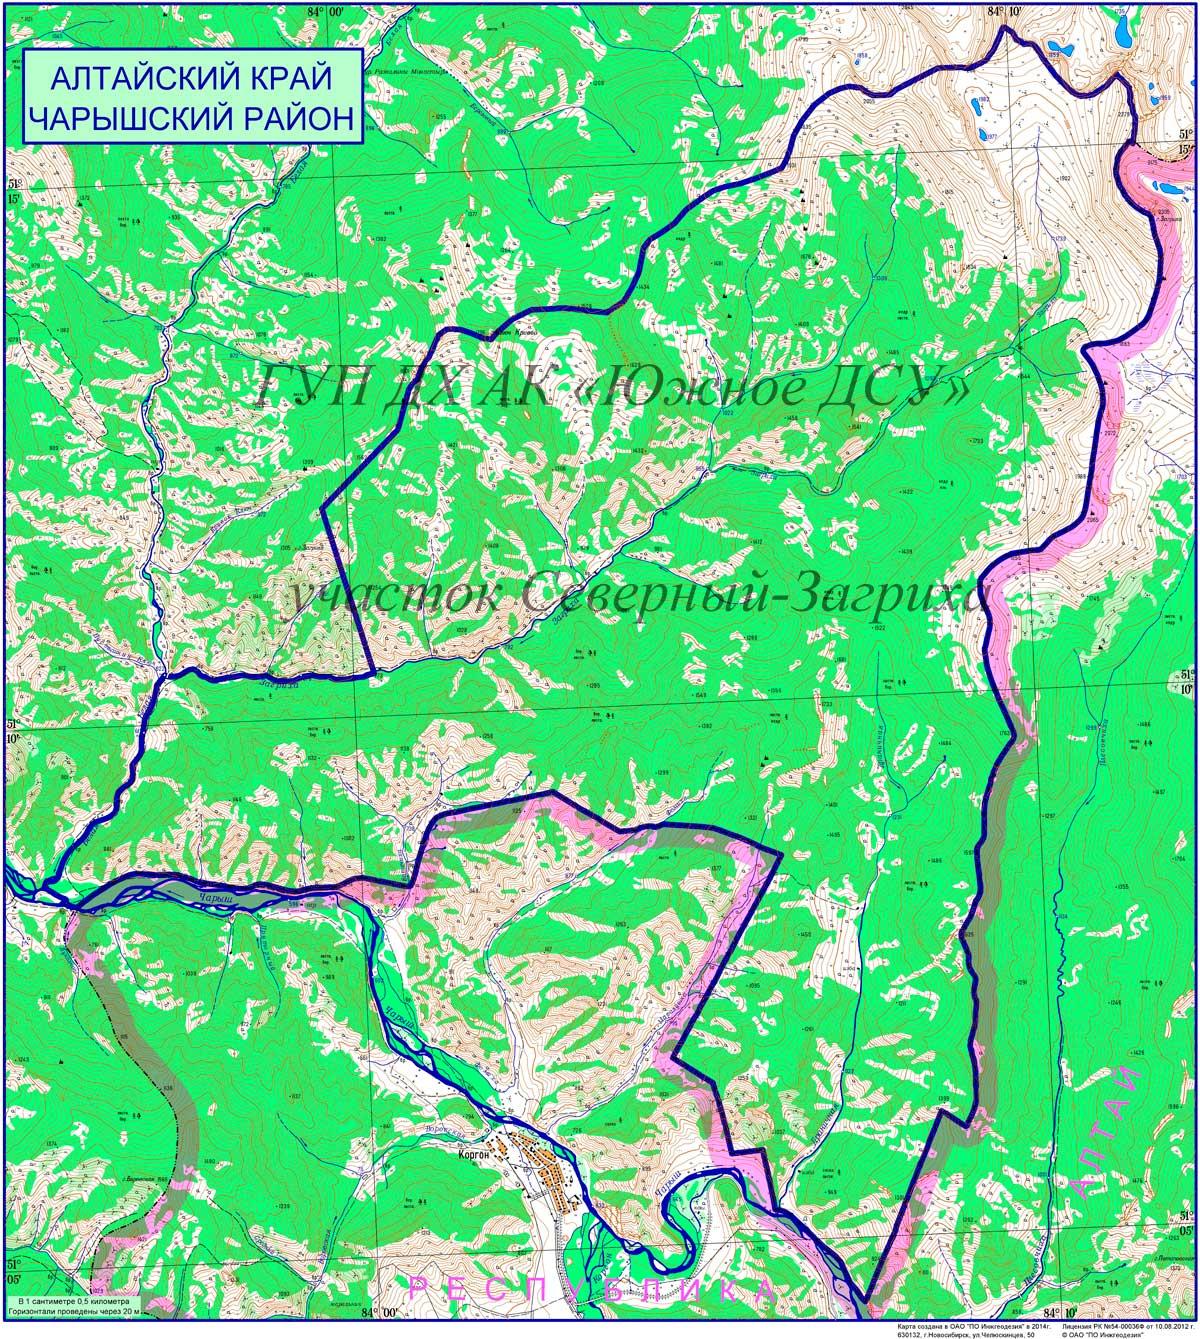 Участок Северный-Загриха